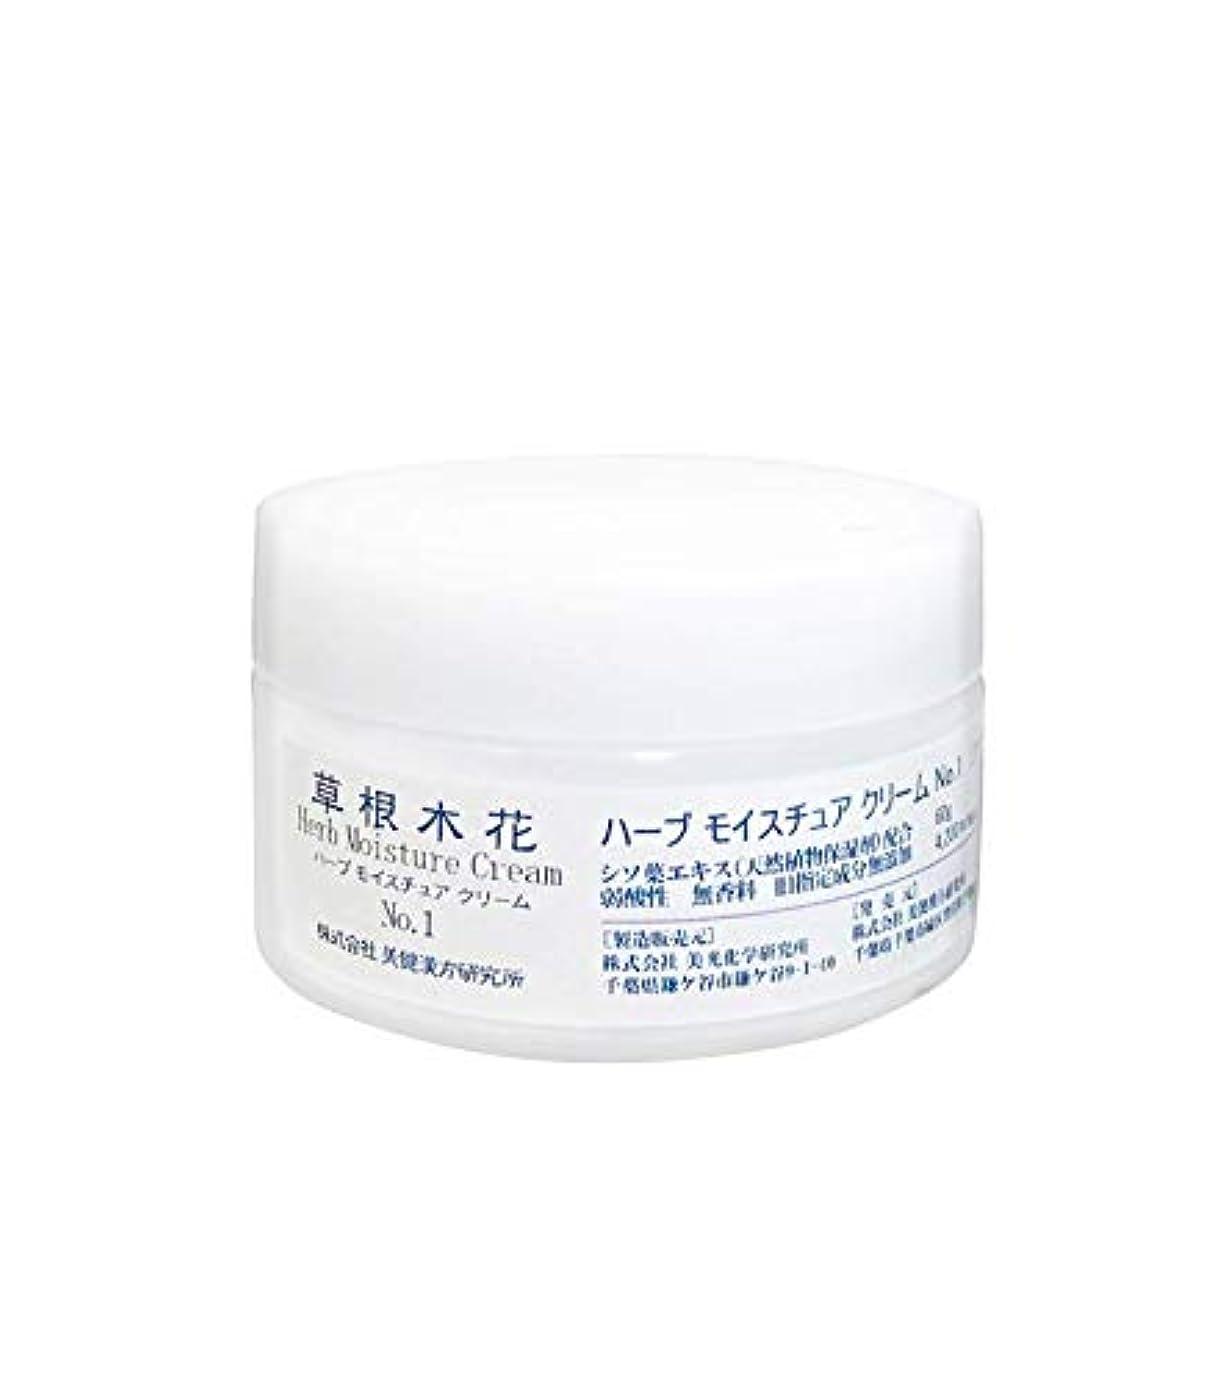 ポジティブシンカンライセンス「草根木花 ハーブモイスチュアクリームNo.1 (紫蘇クリーム)」  乾燥肌?敏感肌にシソエキス  シェアドコスメ(男女兼用化粧品)